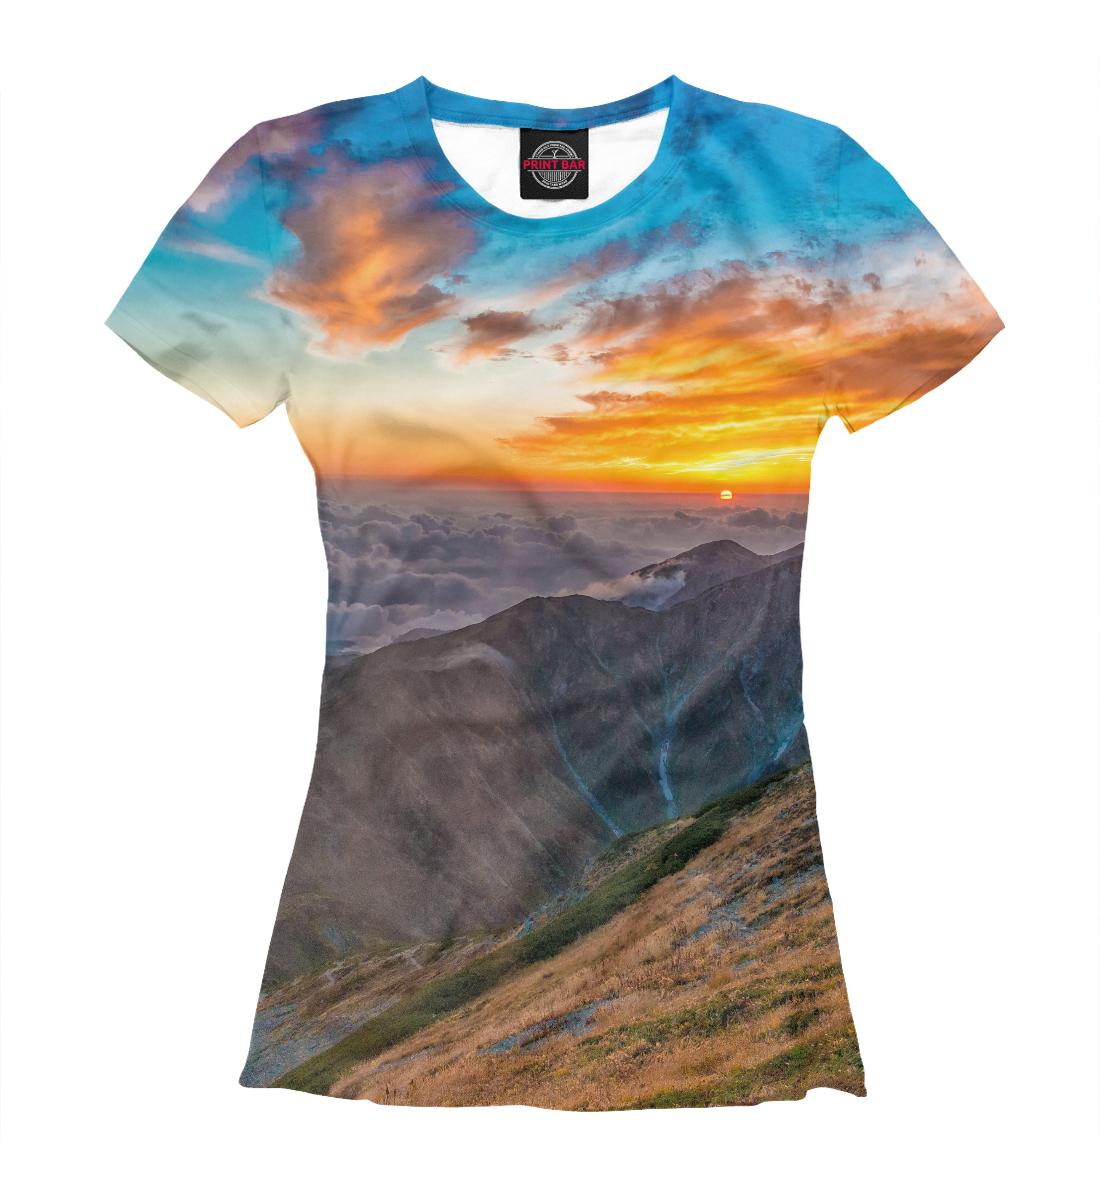 Купить Горный пейзаж, Printbar, Футболки, PEY-118816-fut-1